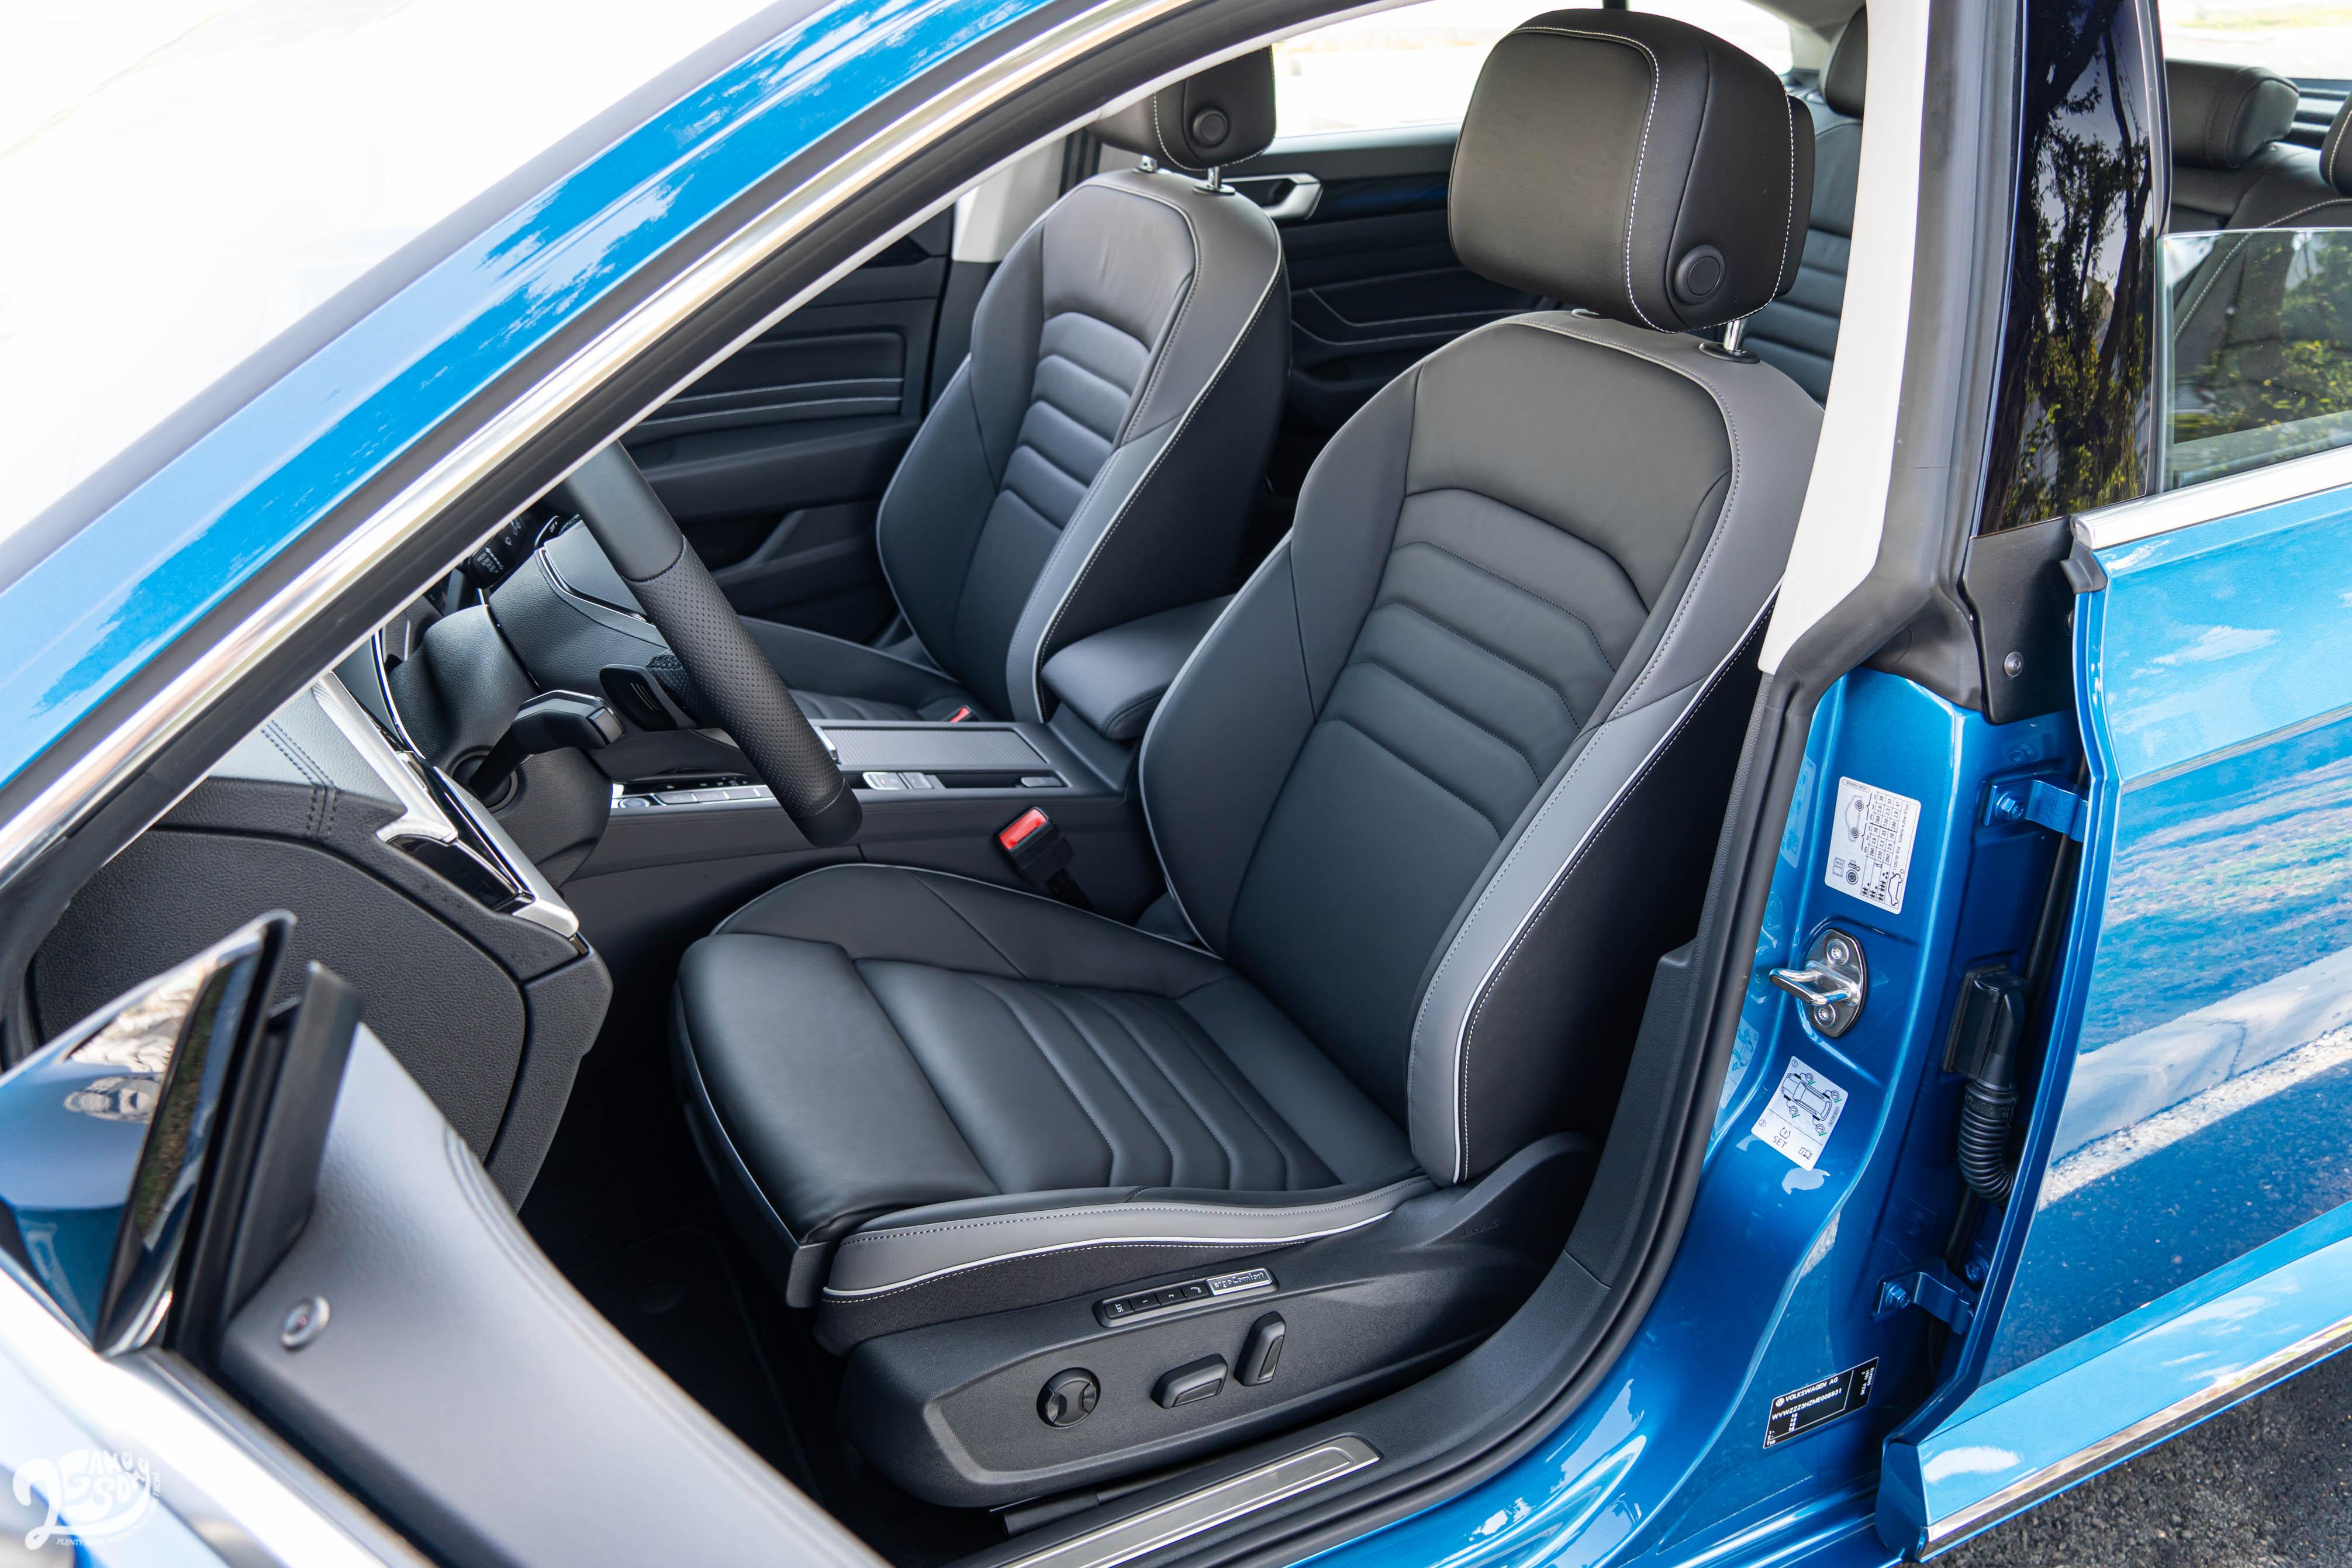 配備 Nappa 舒適真皮座椅,前後座都具備加熱功能,駕駛座並有按摩設計。